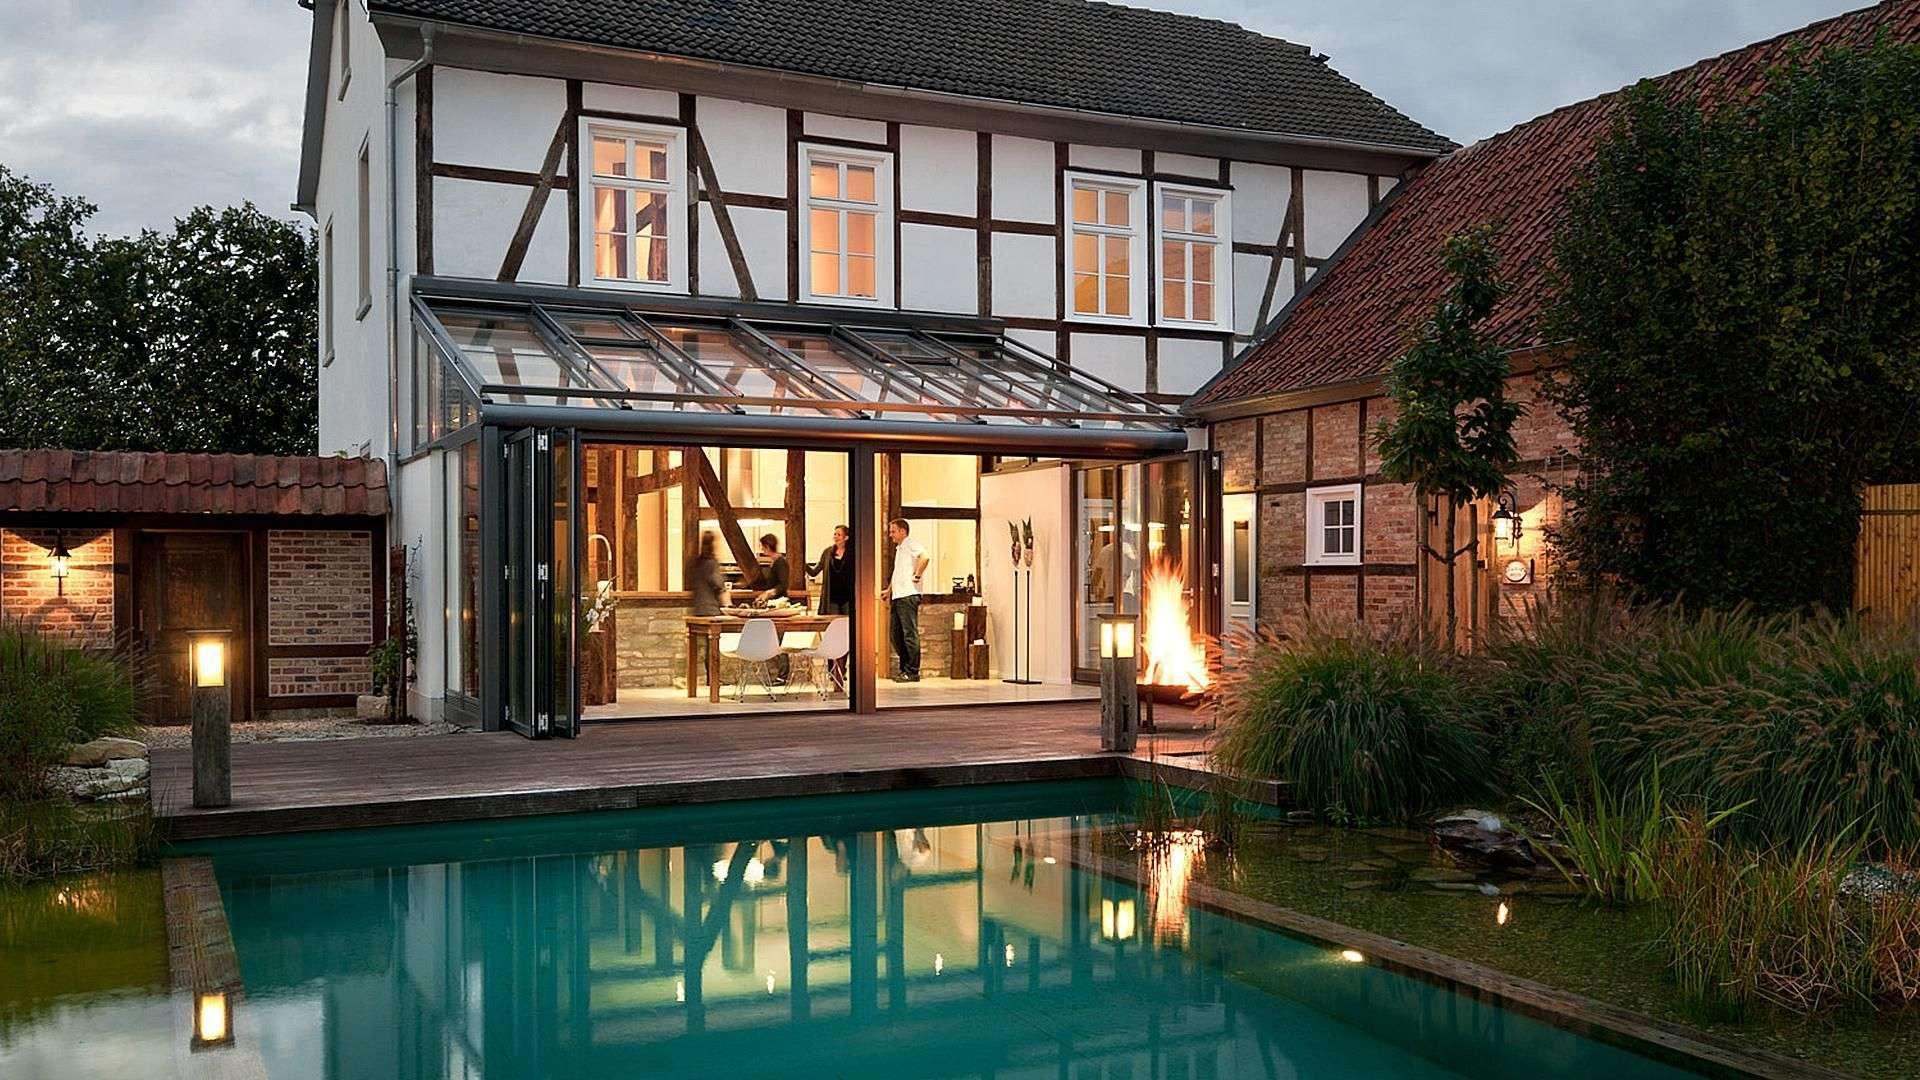 Fachwerkhaus mit Solarlux SDL Nobiles Wintergarten mit geöffneter Glasfront und großem Pool im Vordergrund bei Dämmerung